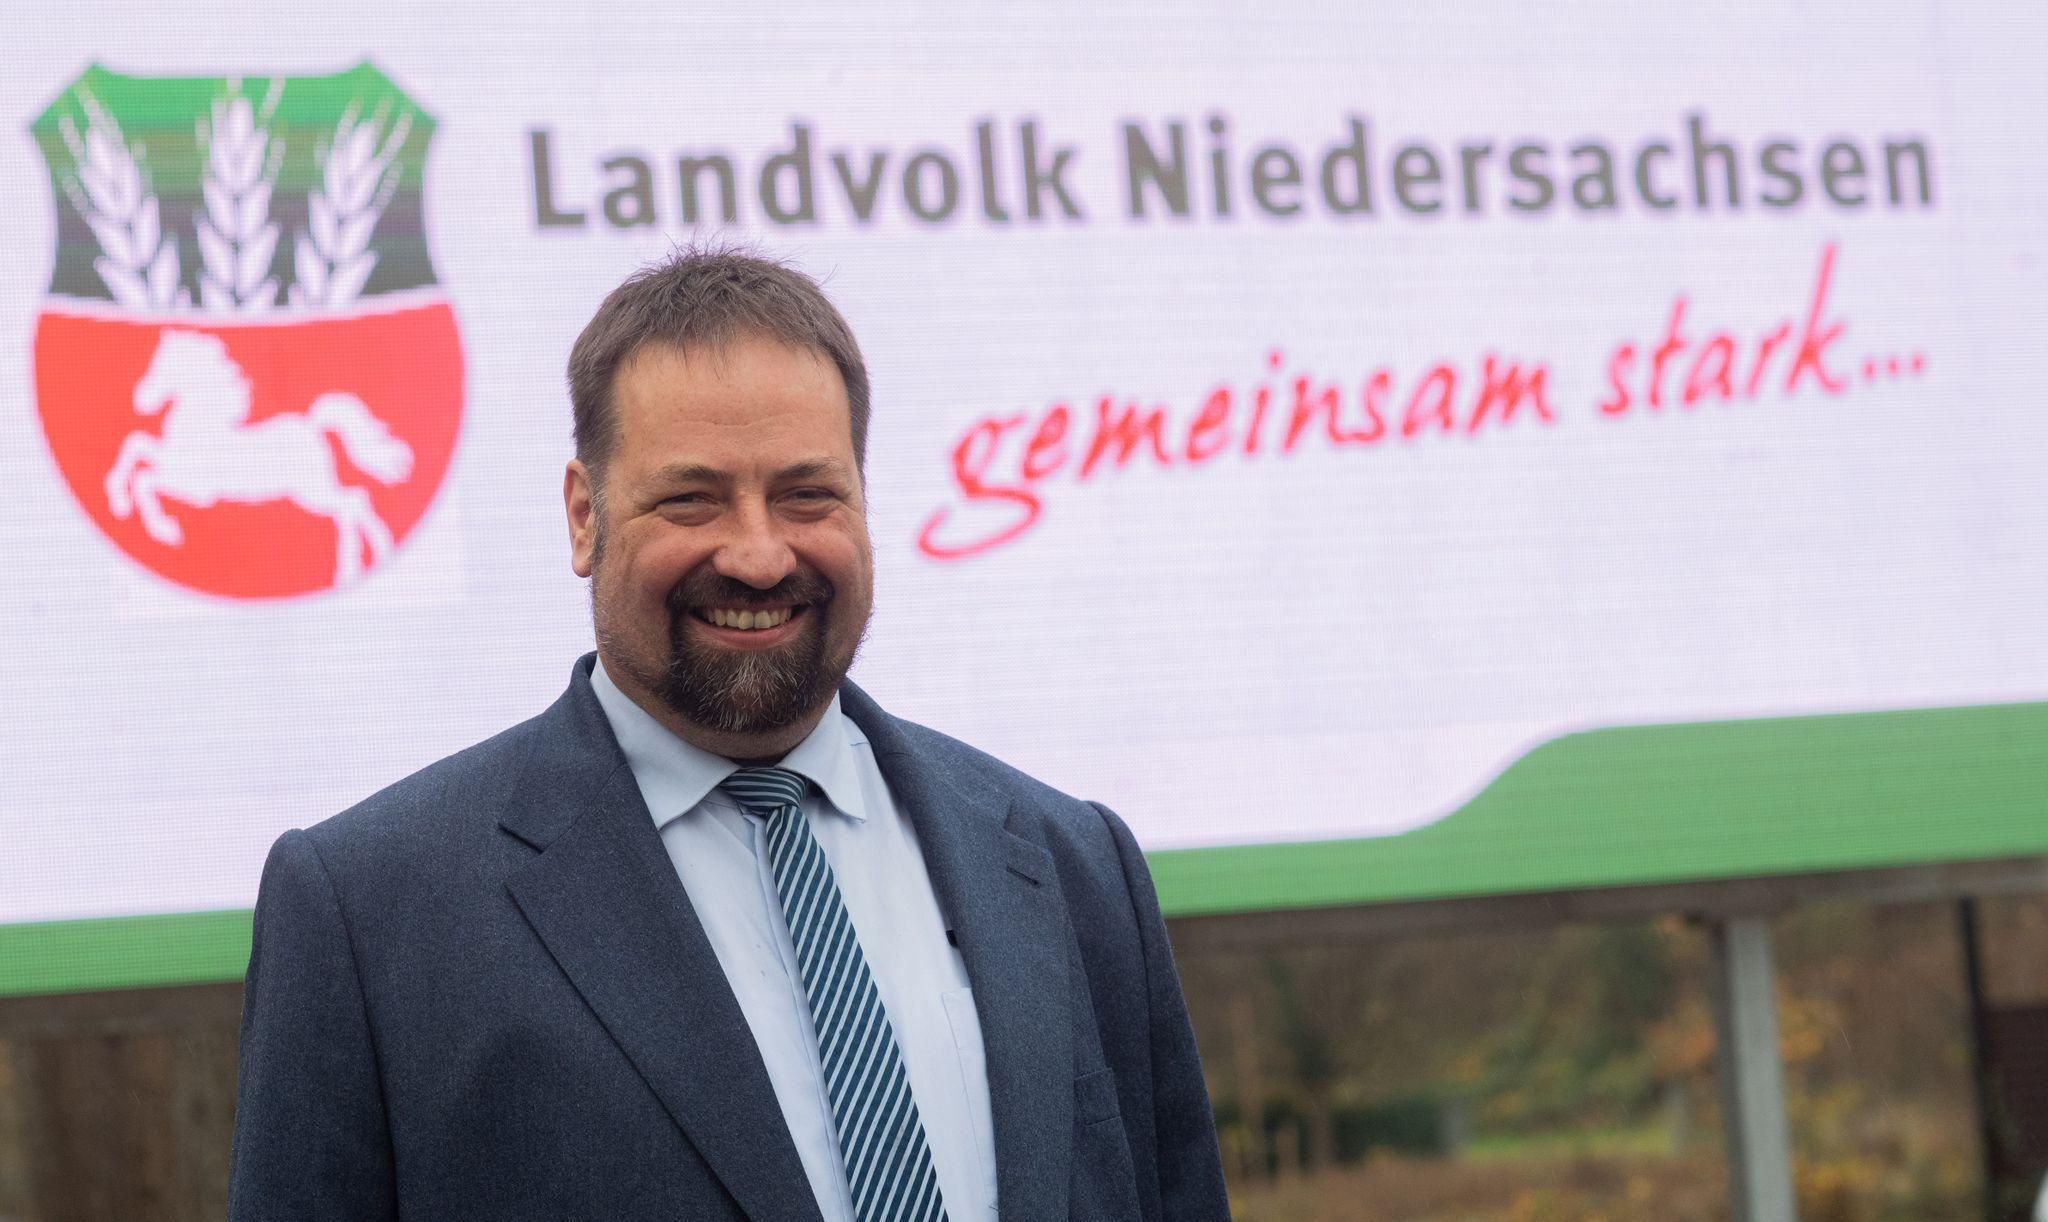 Holger Hennies steht vor der Mitgliederversammlung des Landvolk Niedersachsen. Foto:dpa/Stratenschulte